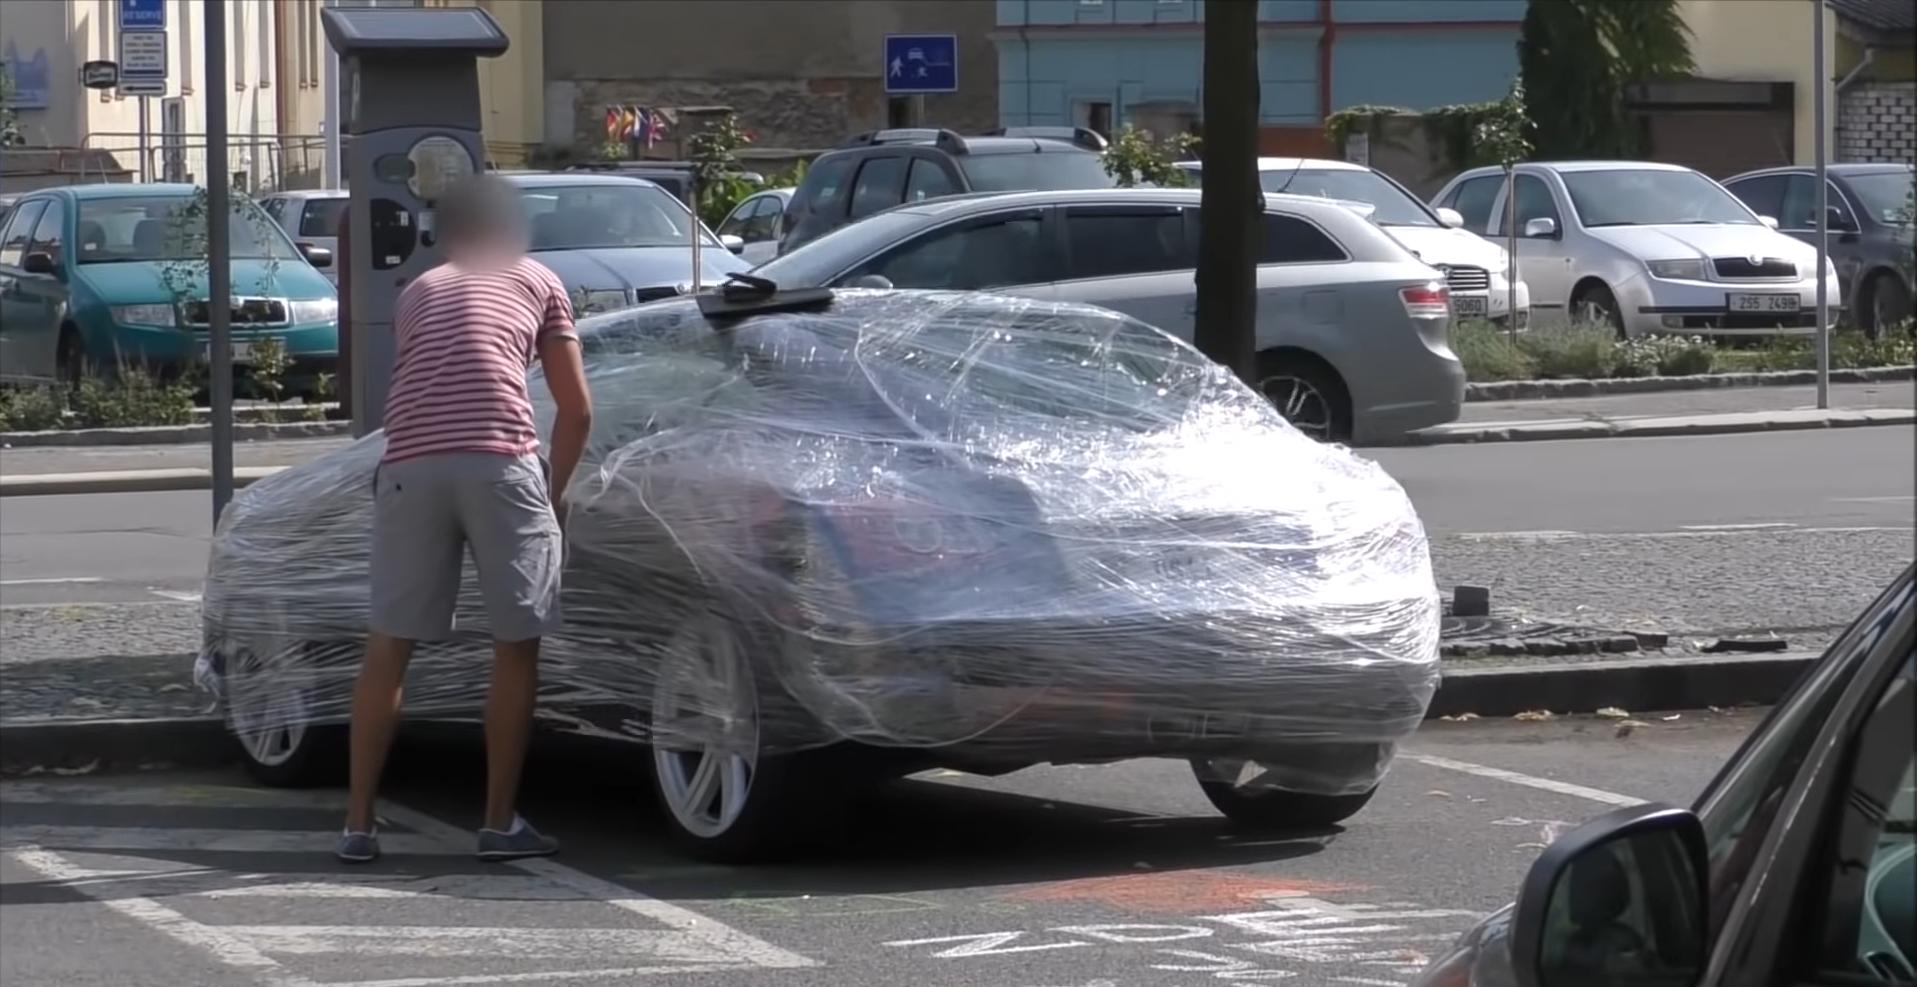 Vodič parkoval na mieste pre invalidov. Dostal krutý trest